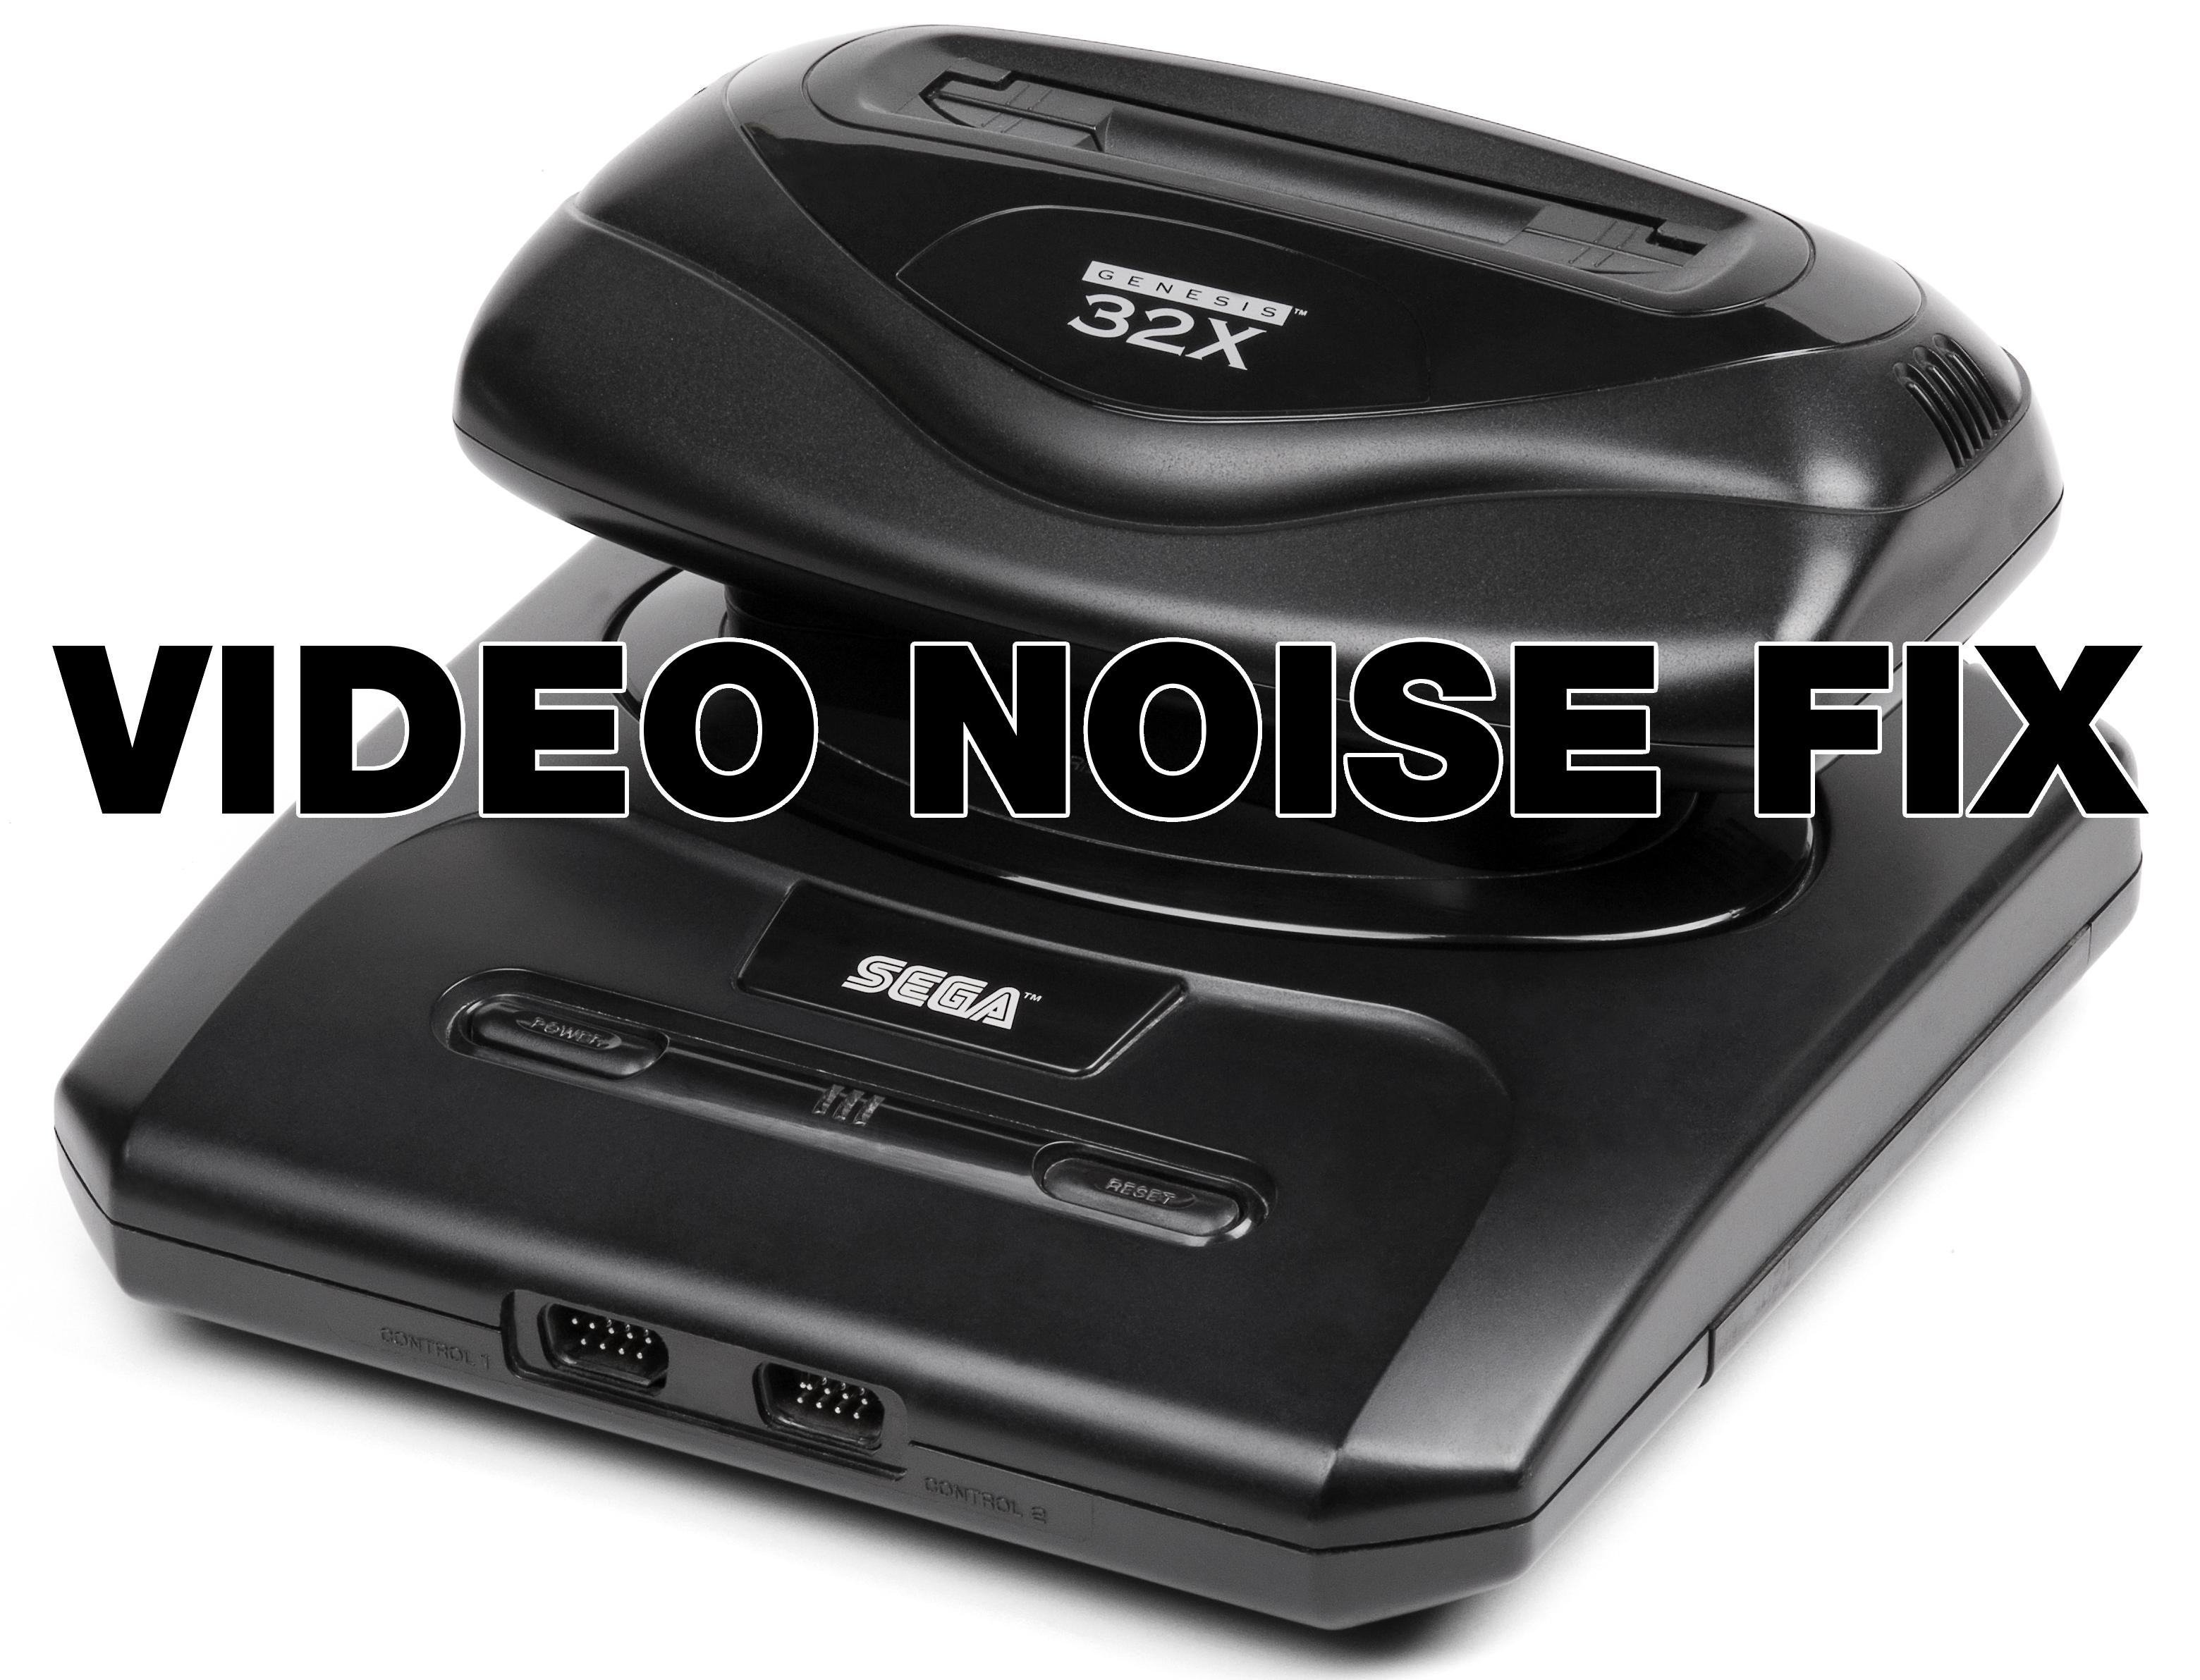 Sega 32X Video Noise Fix by Kevtris